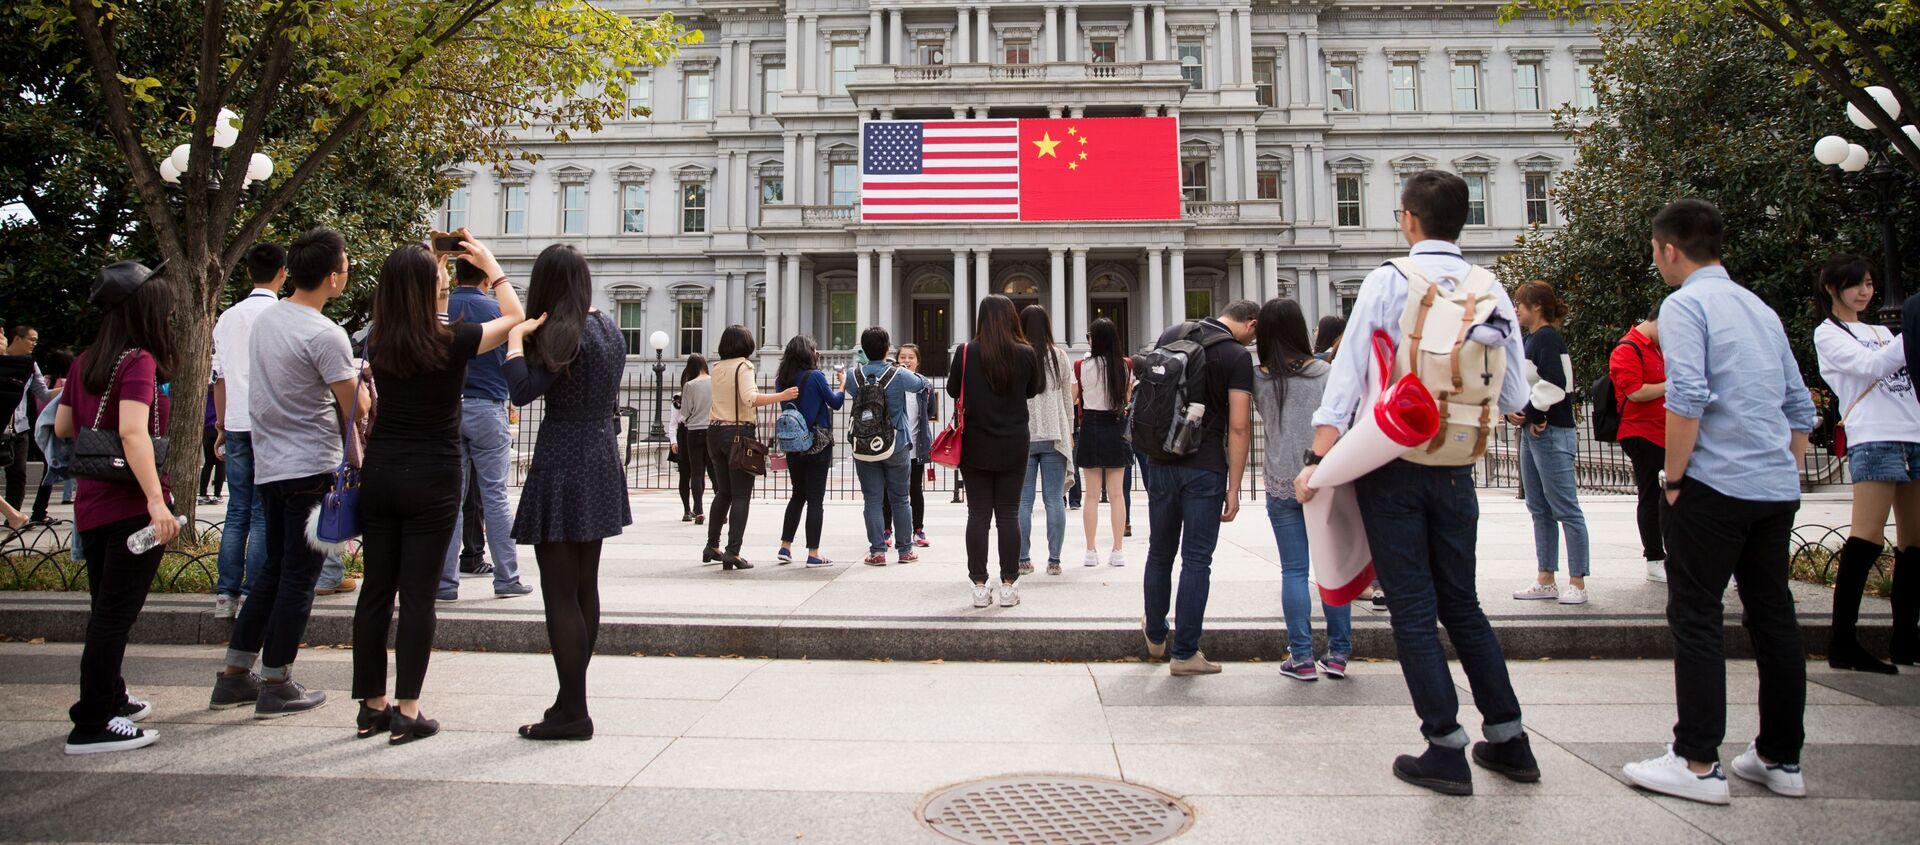 Cờ của Hoa Kỳ và Trung Quốc tại Washington - Sputnik Việt Nam, 1920, 19.02.2021